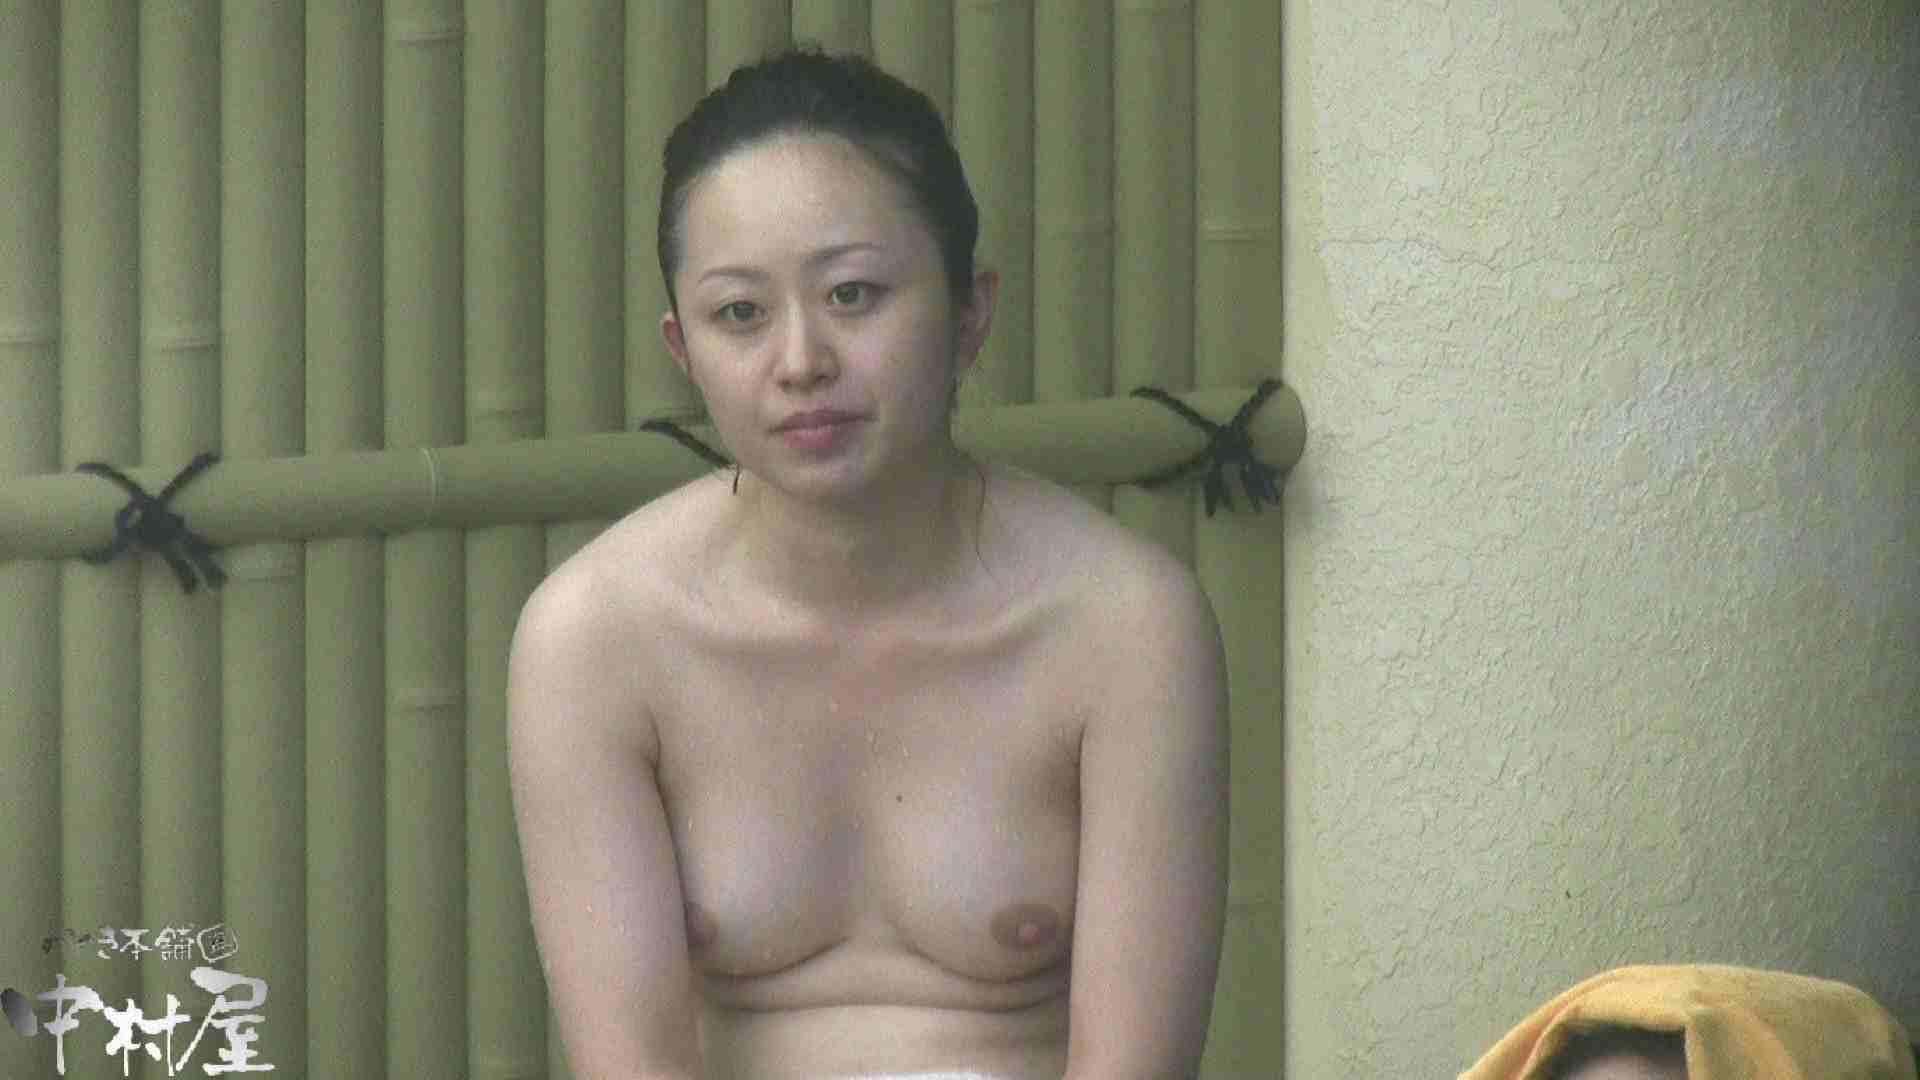 Aquaな露天風呂Vol.912 盗撮動画 | 露天風呂  10枚 3